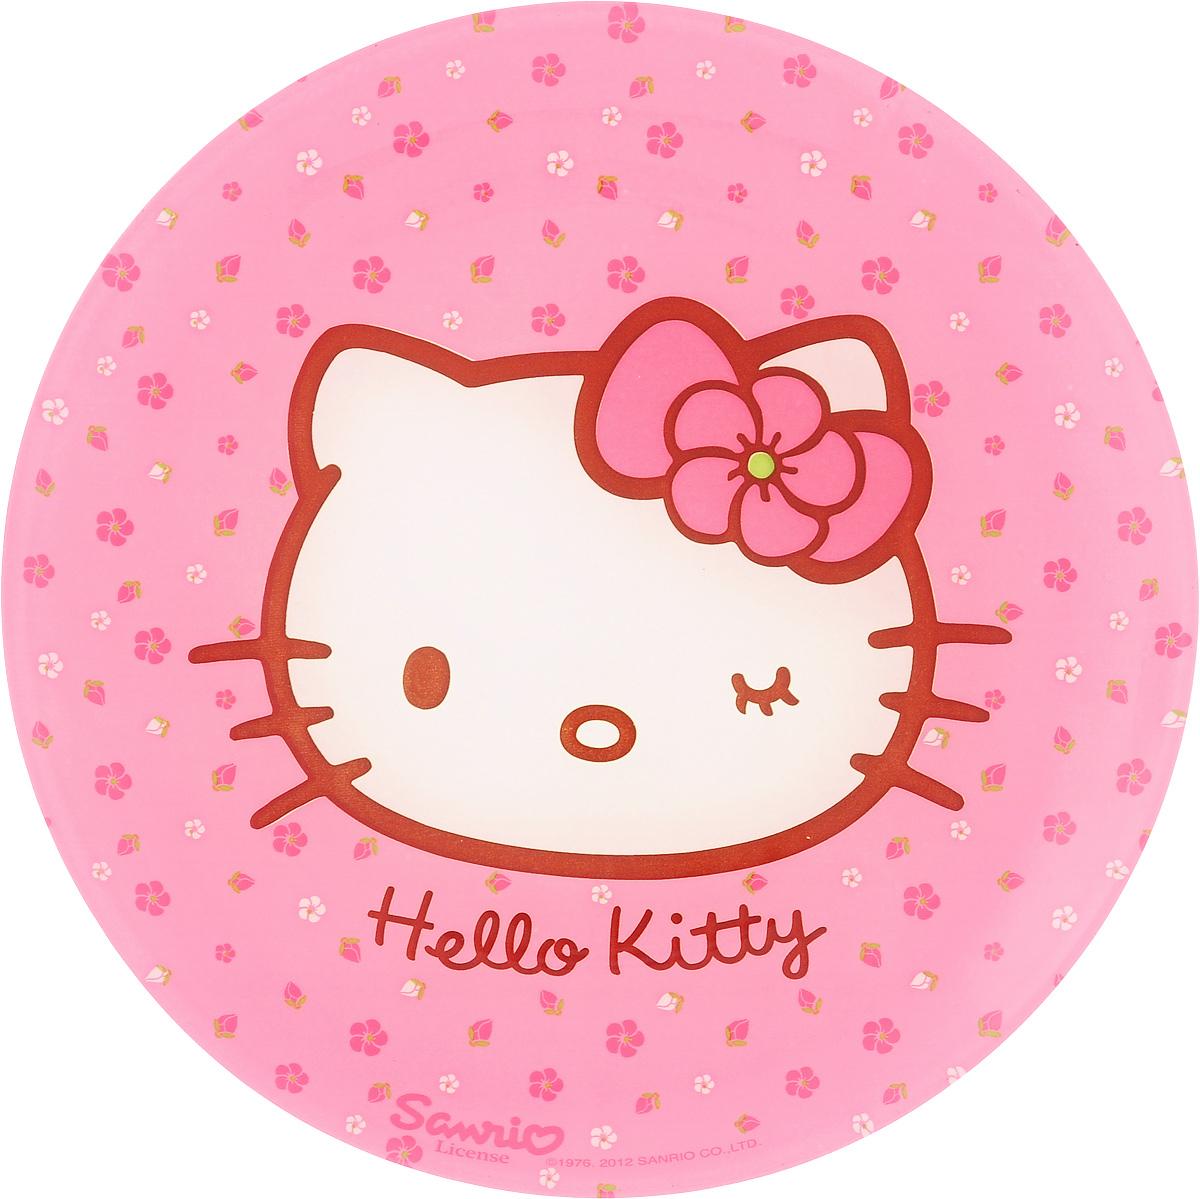 """Десертная тарелка Luminarc """"Hello Kitty. Sweet Pink"""",  изготовленная из ударопрочного стекла,  декорирована ярким рисунком.  Такая тарелка прекрасно подходит как для  торжественных случаев, так и для повседневного  использования.  Идеальна для подачи десертов, пирожных, тортов и  многого другого. Она прекрасно оформит стол и  станет  отличным дополнением к вашей коллекции  кухонной  посуды.  Диаметр тарелки (по верхнему краю): 20 см."""